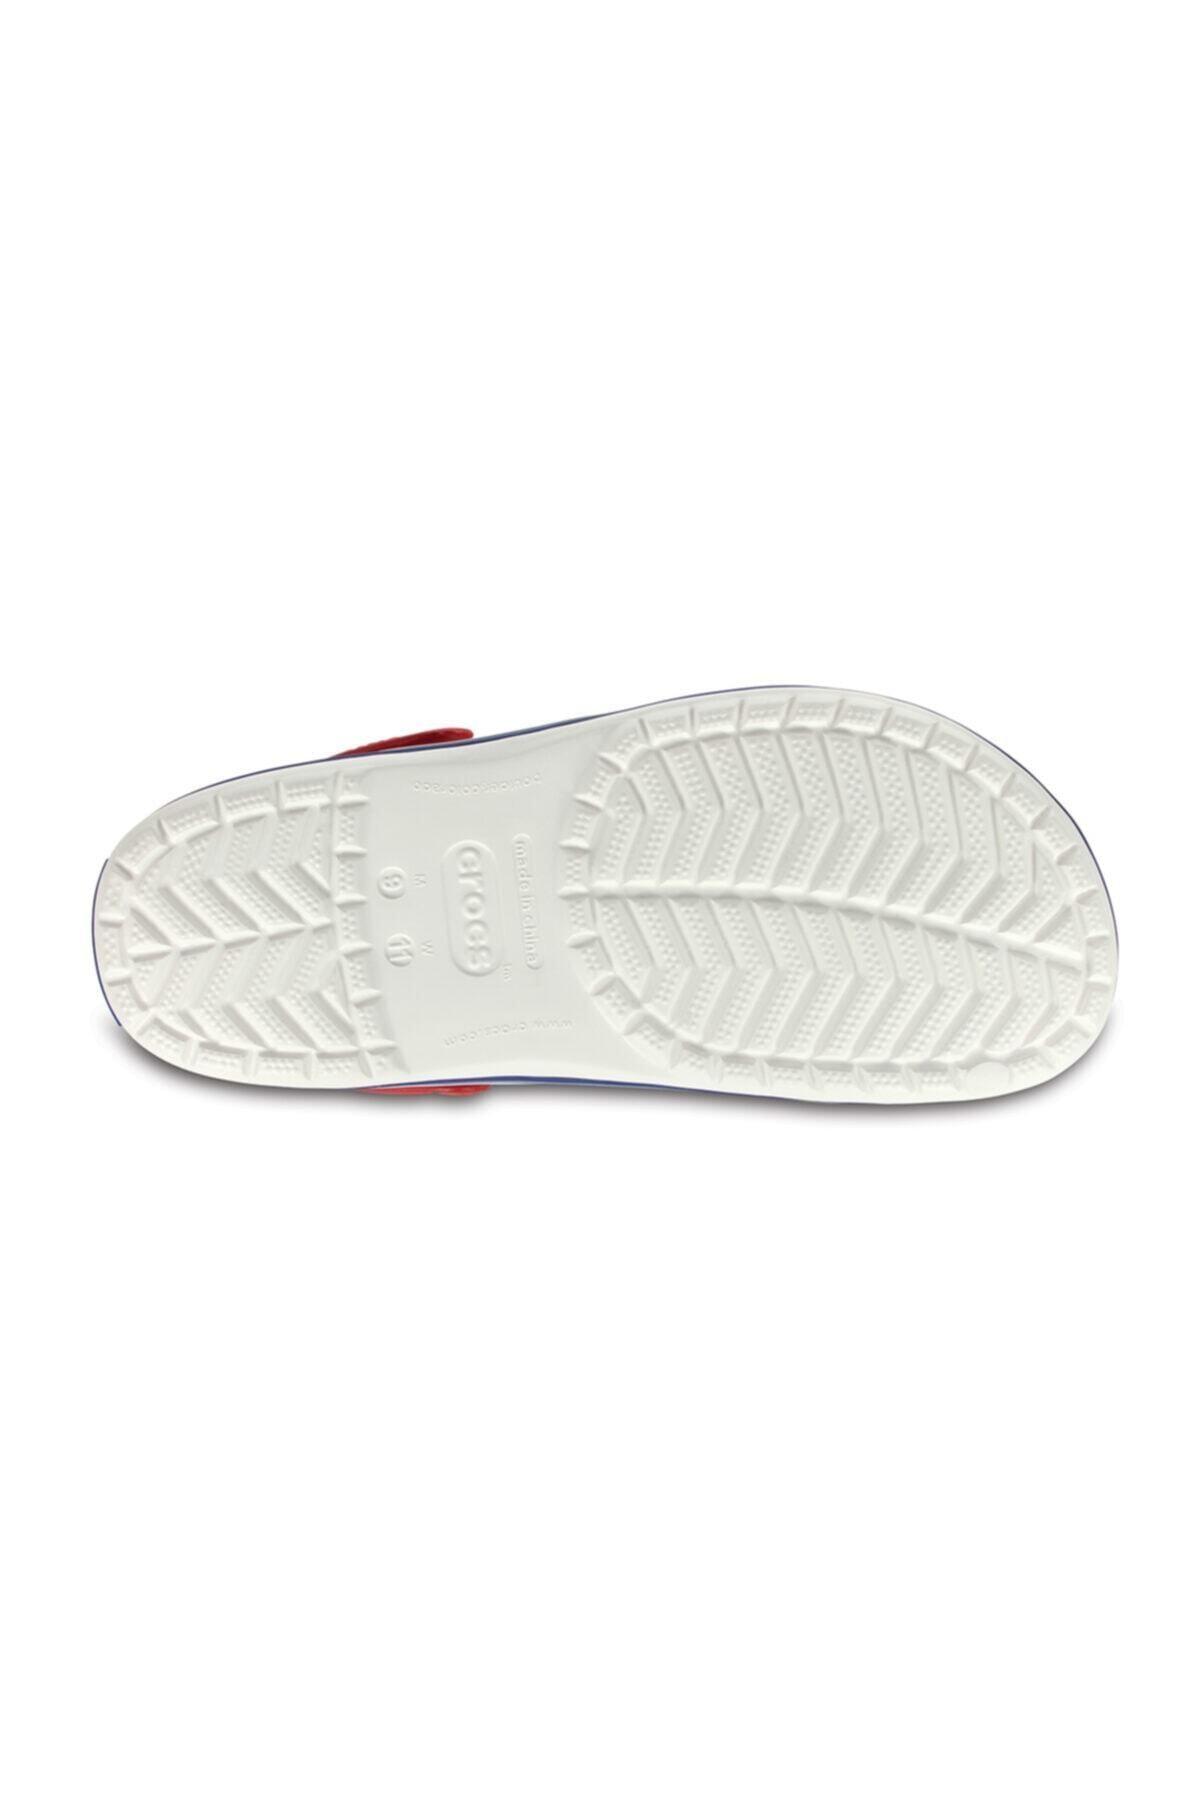 Crocs Beyaz Unisex Crocband Kenarı Lacivert Beyaz Çizgili Terlik 2